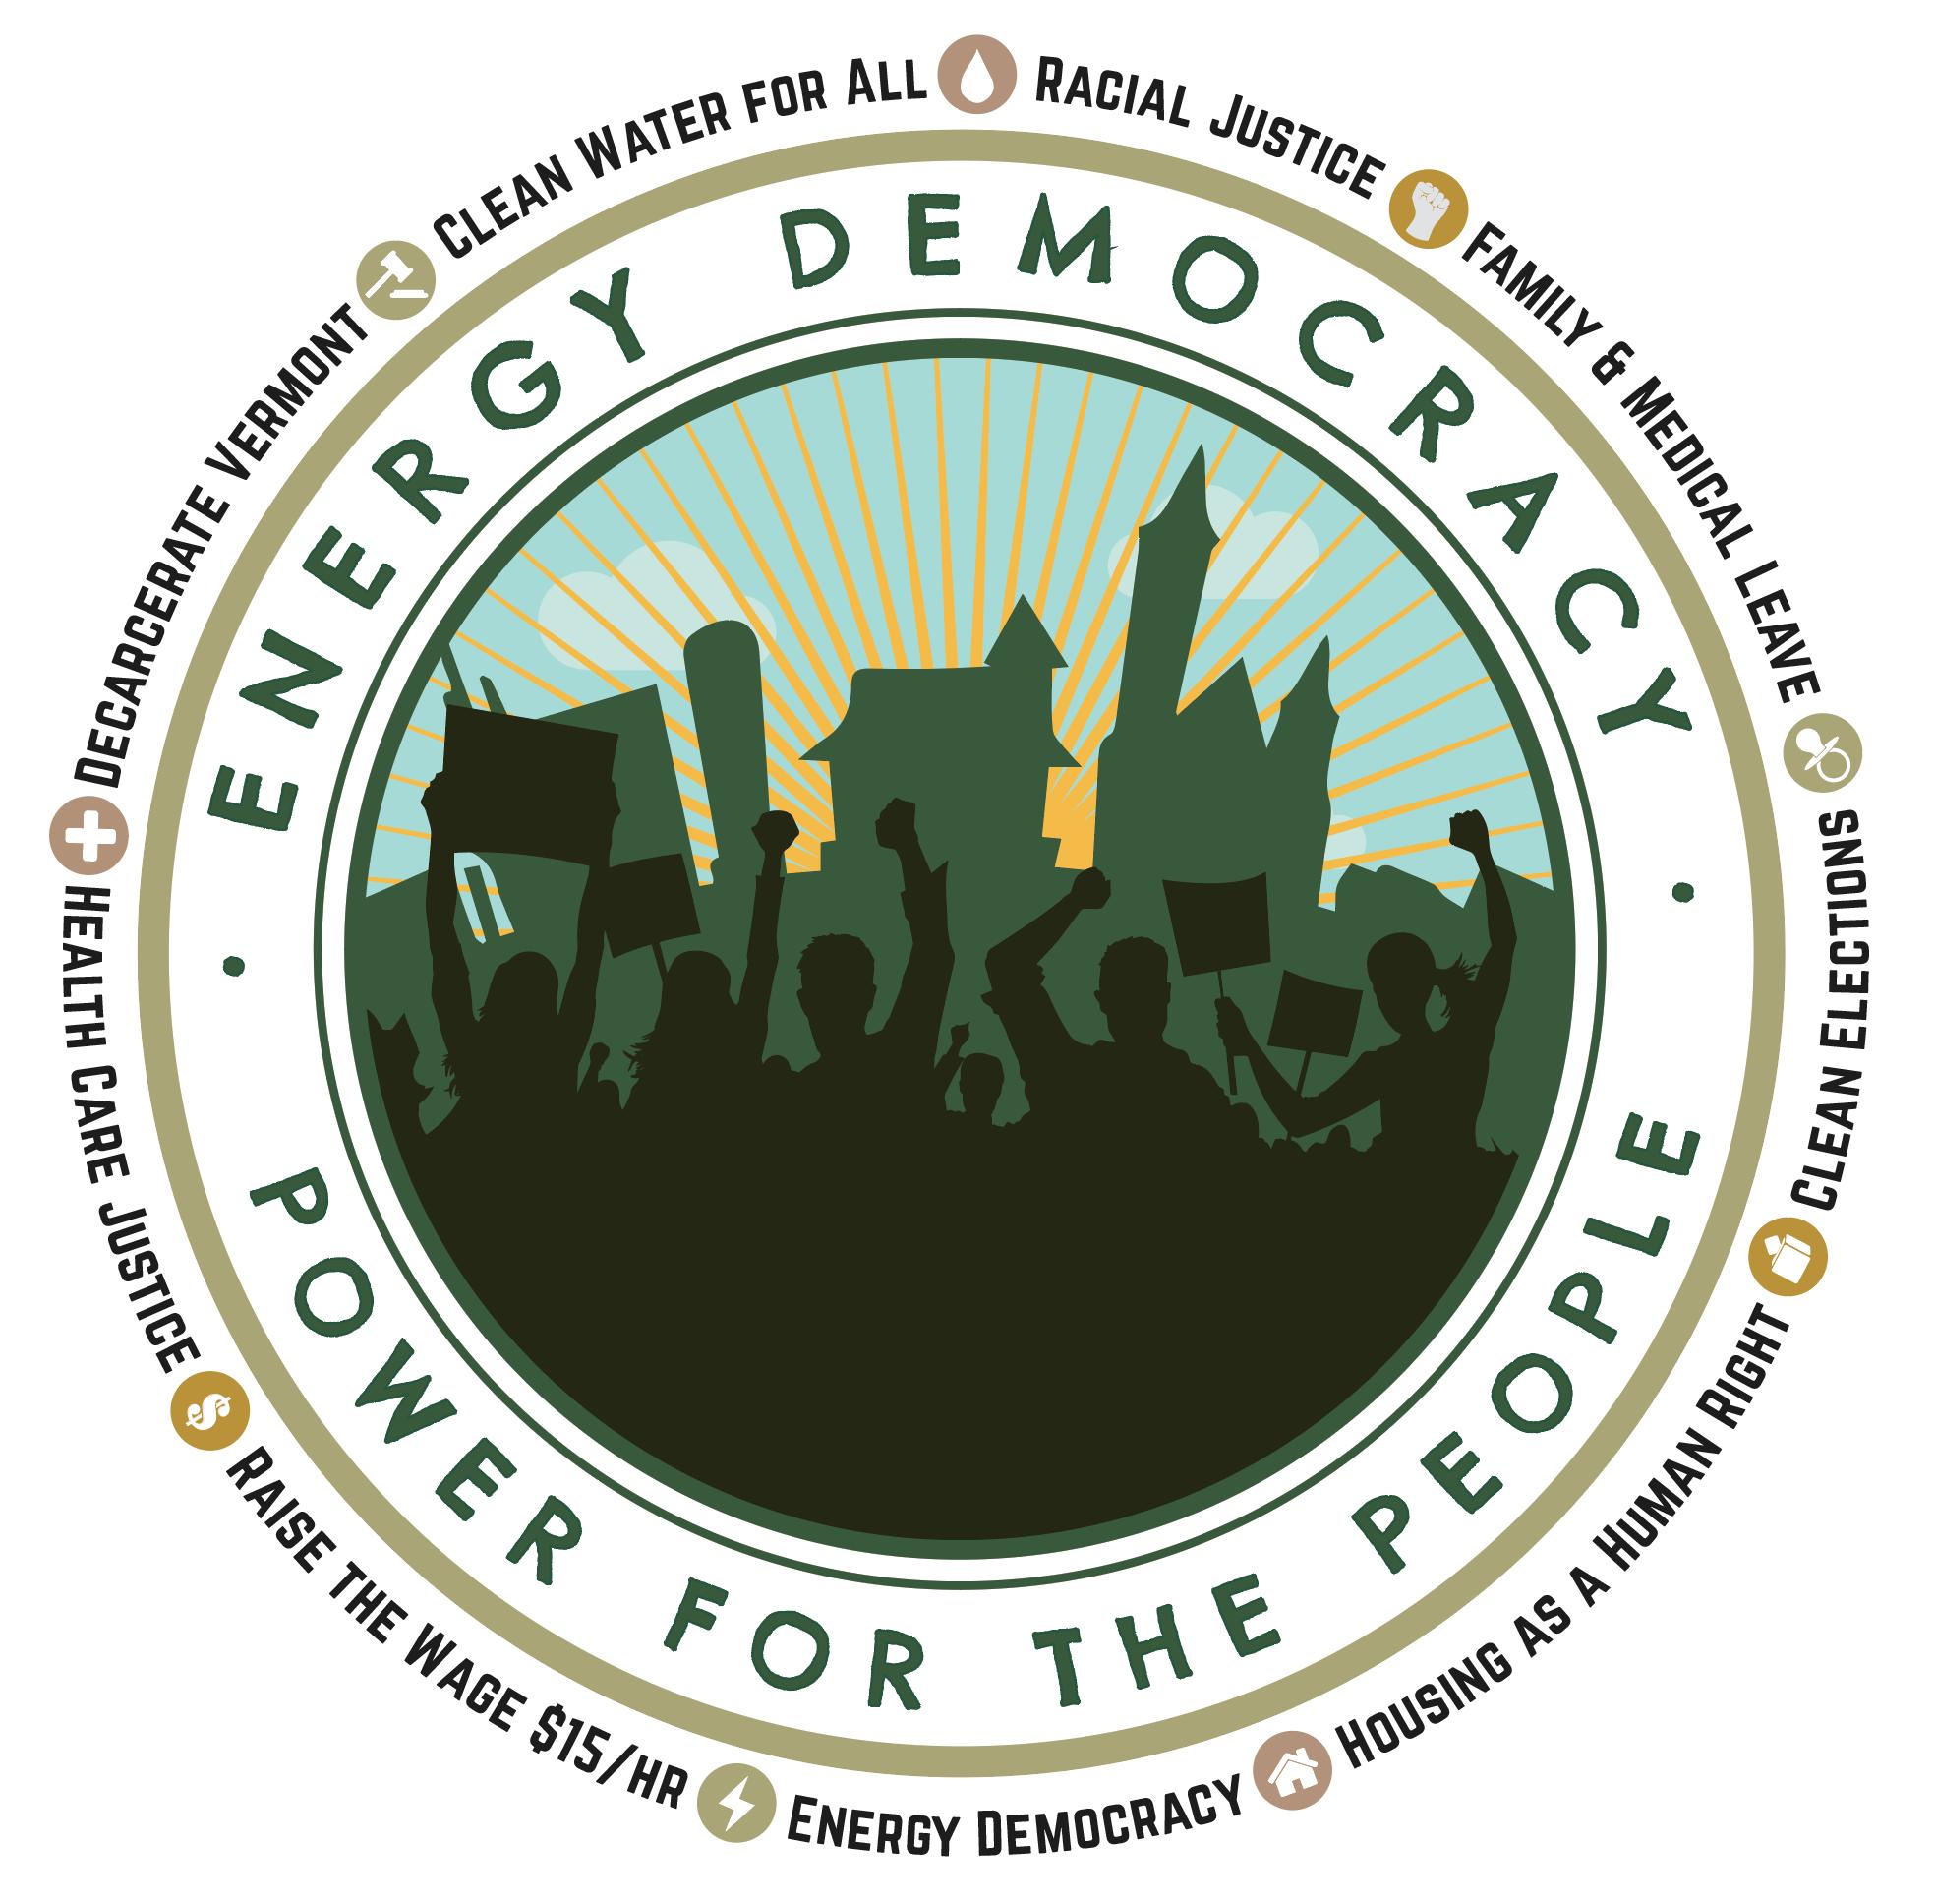 energydemocracyforum.png